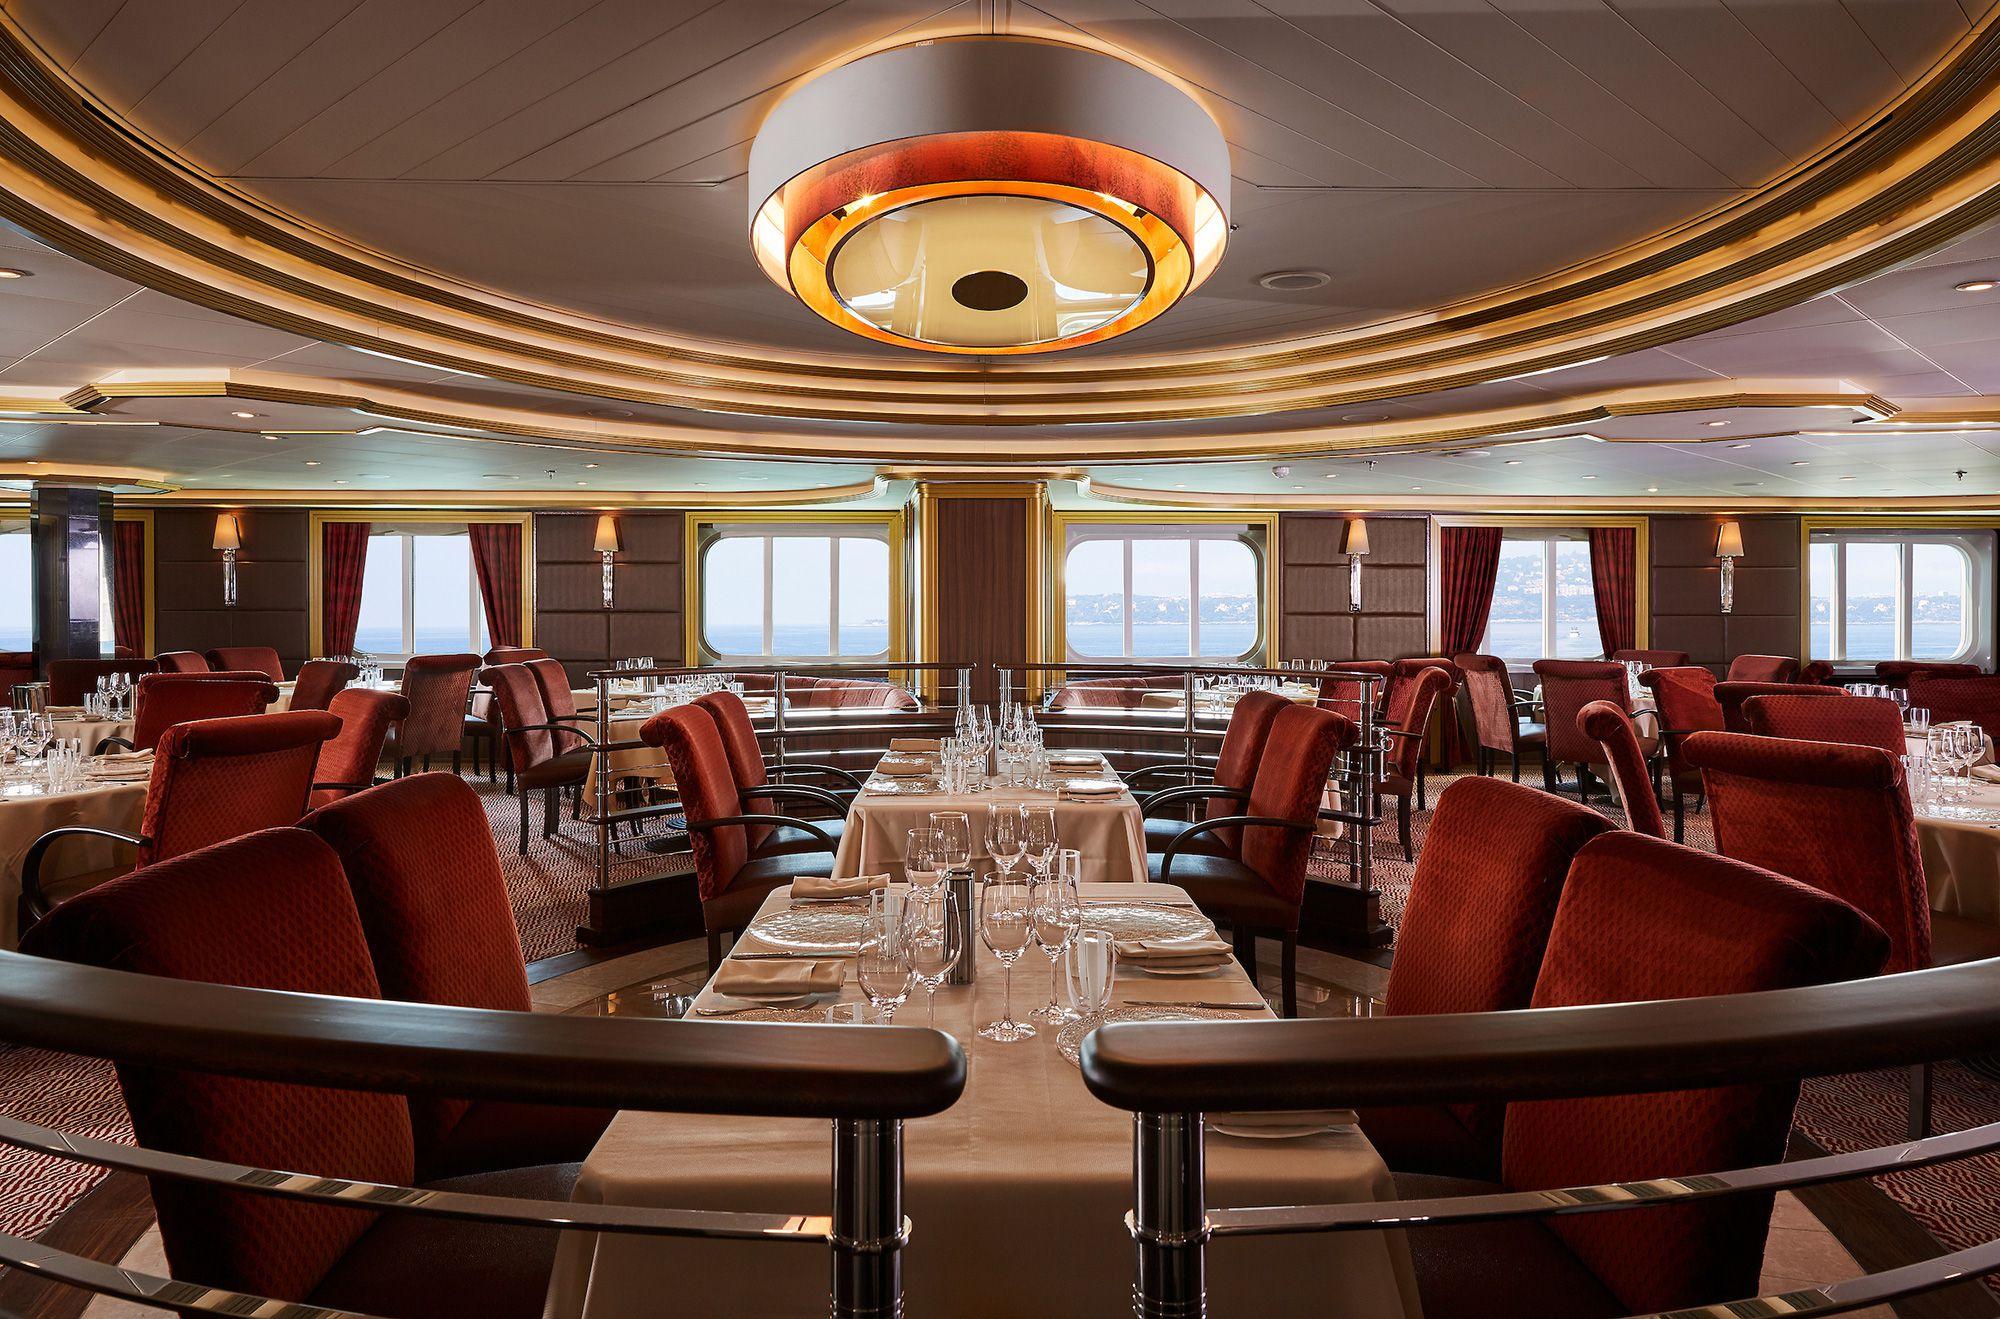 船内のレストラン、アトランティードではシーフード料理が楽しめる ©シルバーシー・クルーズ 日本支社